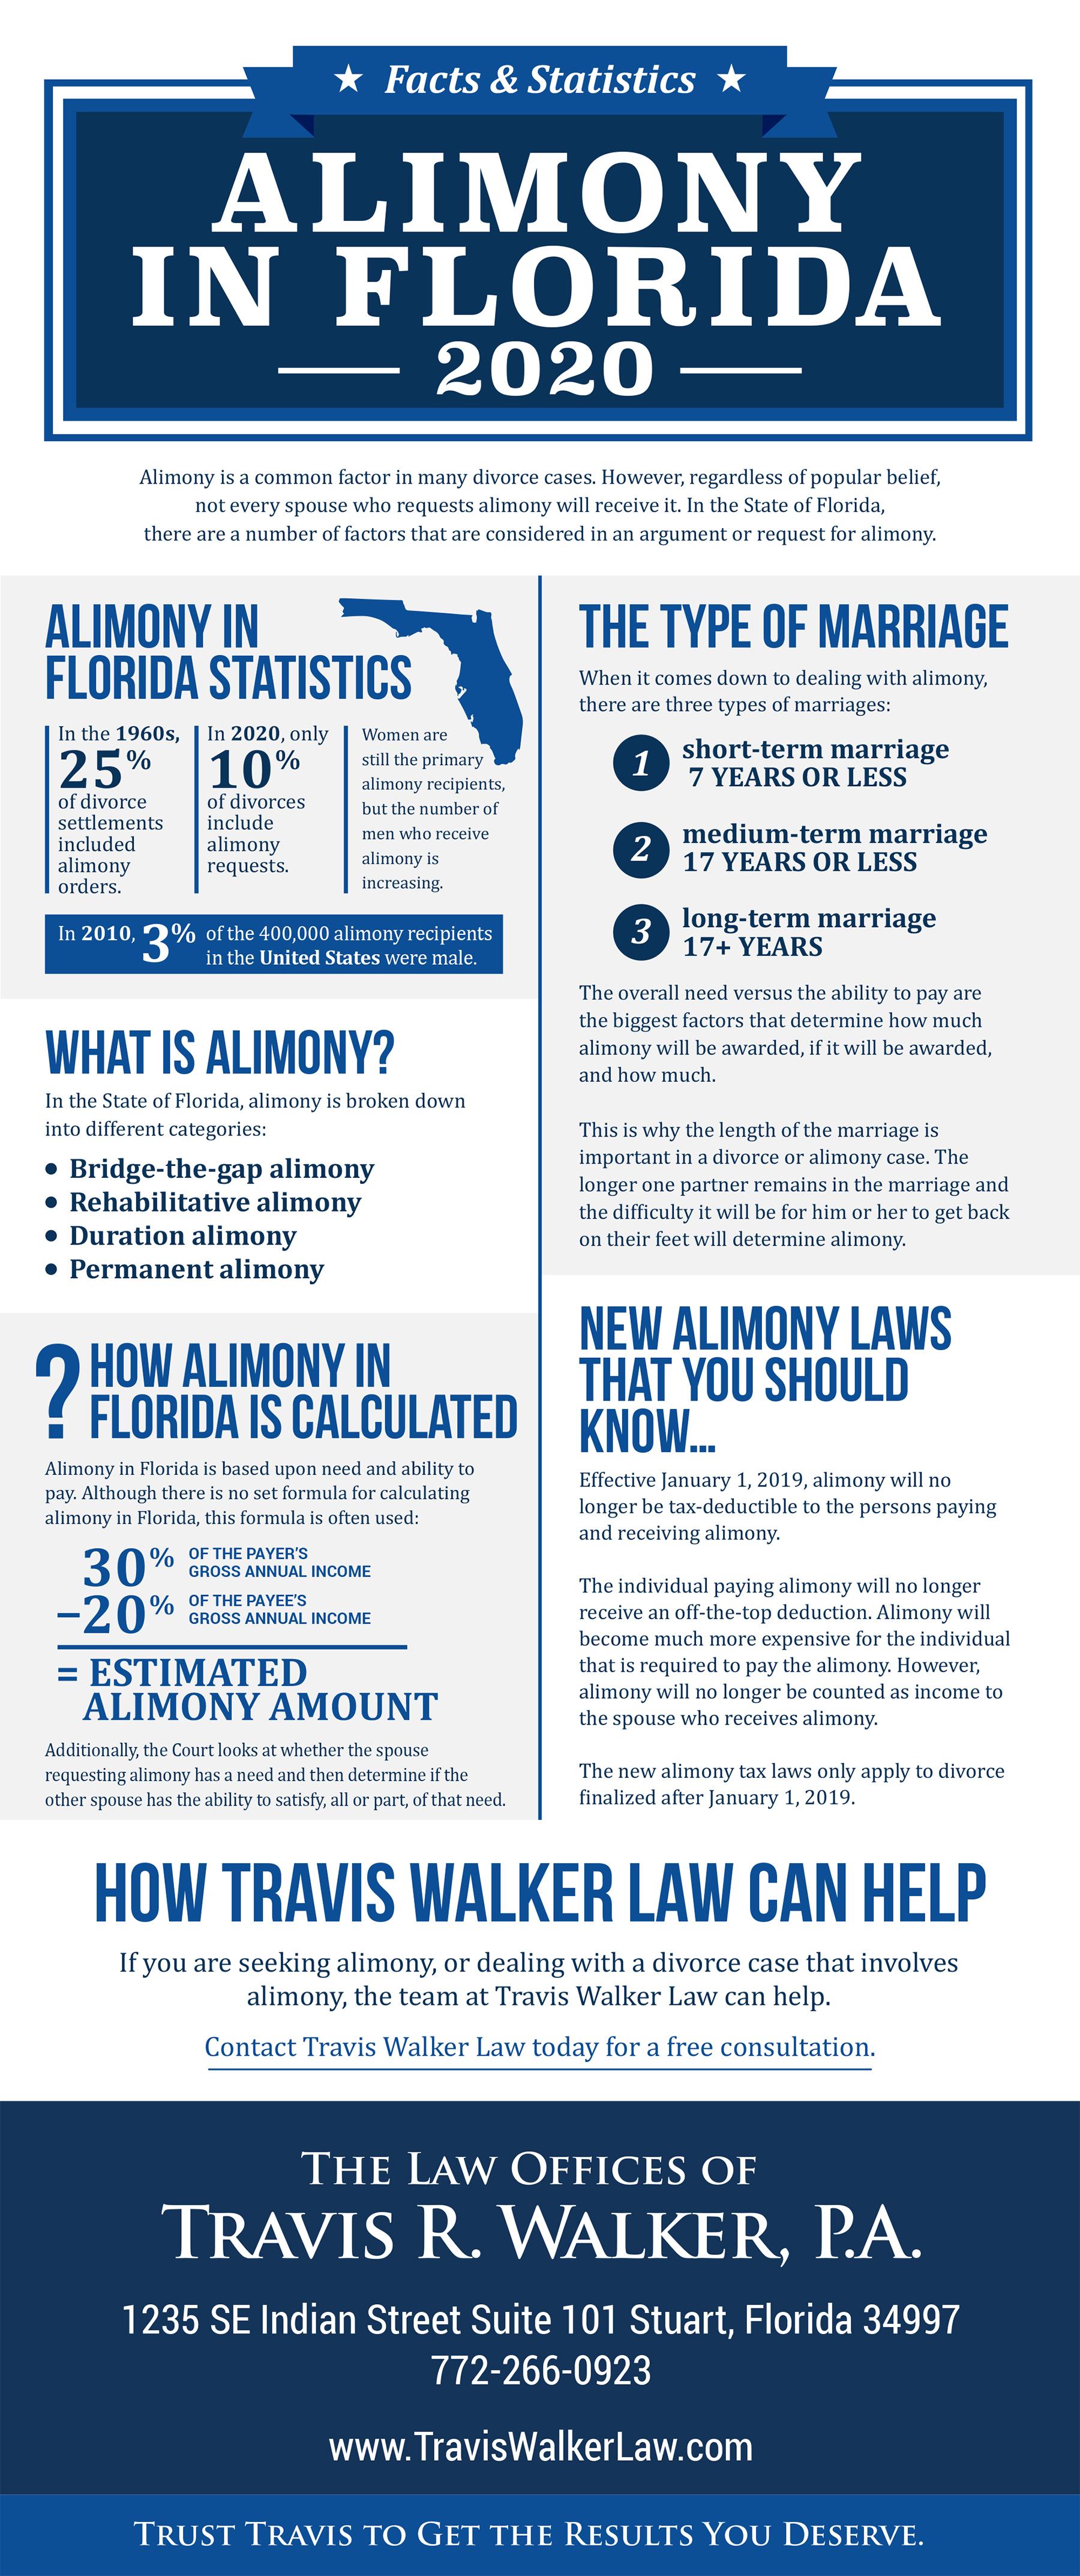 Alimony in Florida 2020 - Infographic